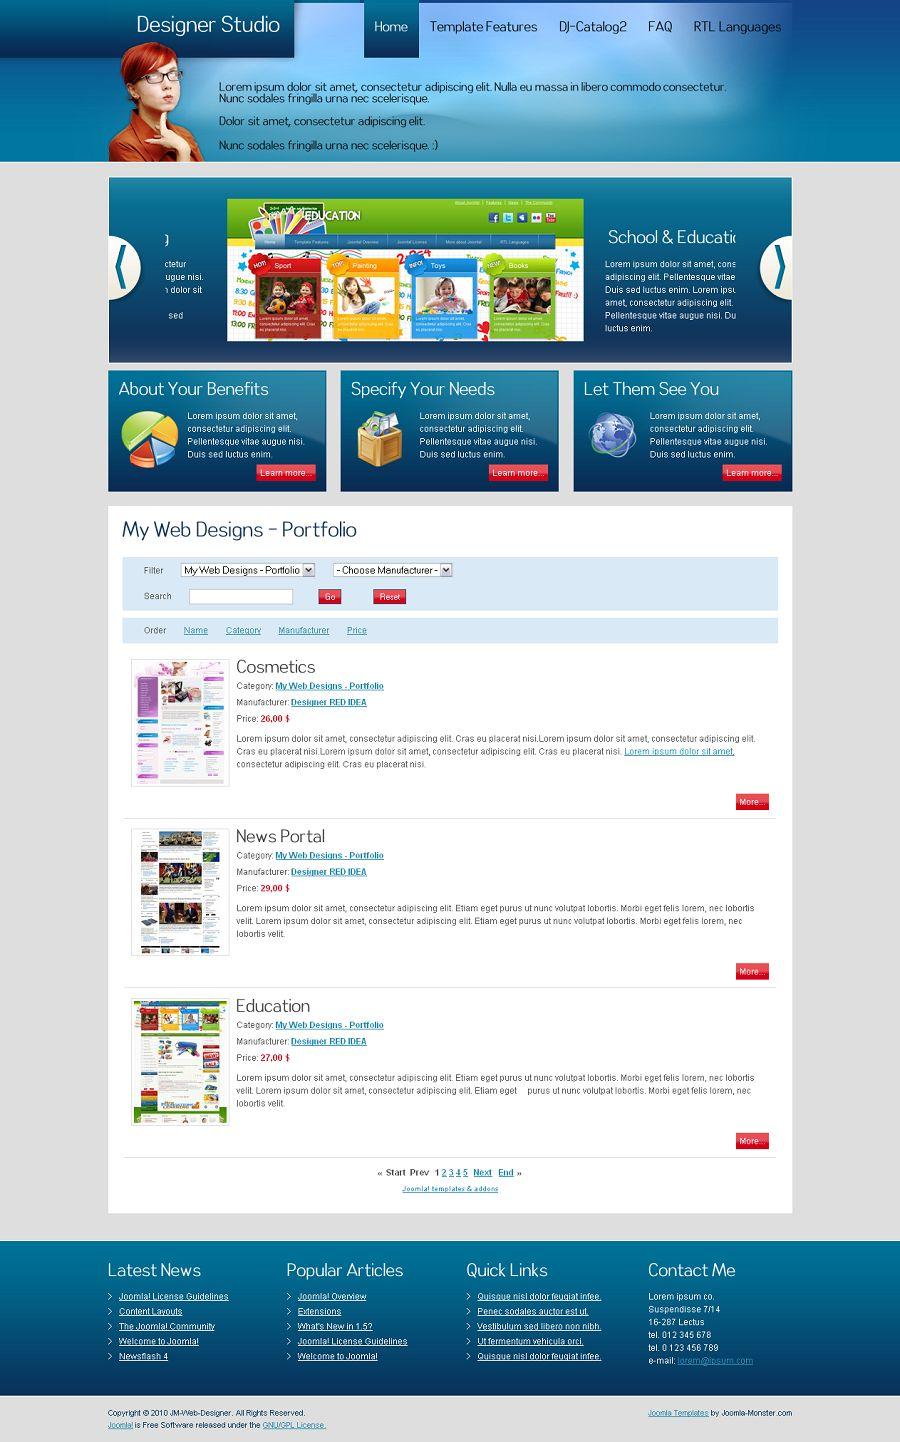 JM-Web-Designer Premium Joomla Template for web designers